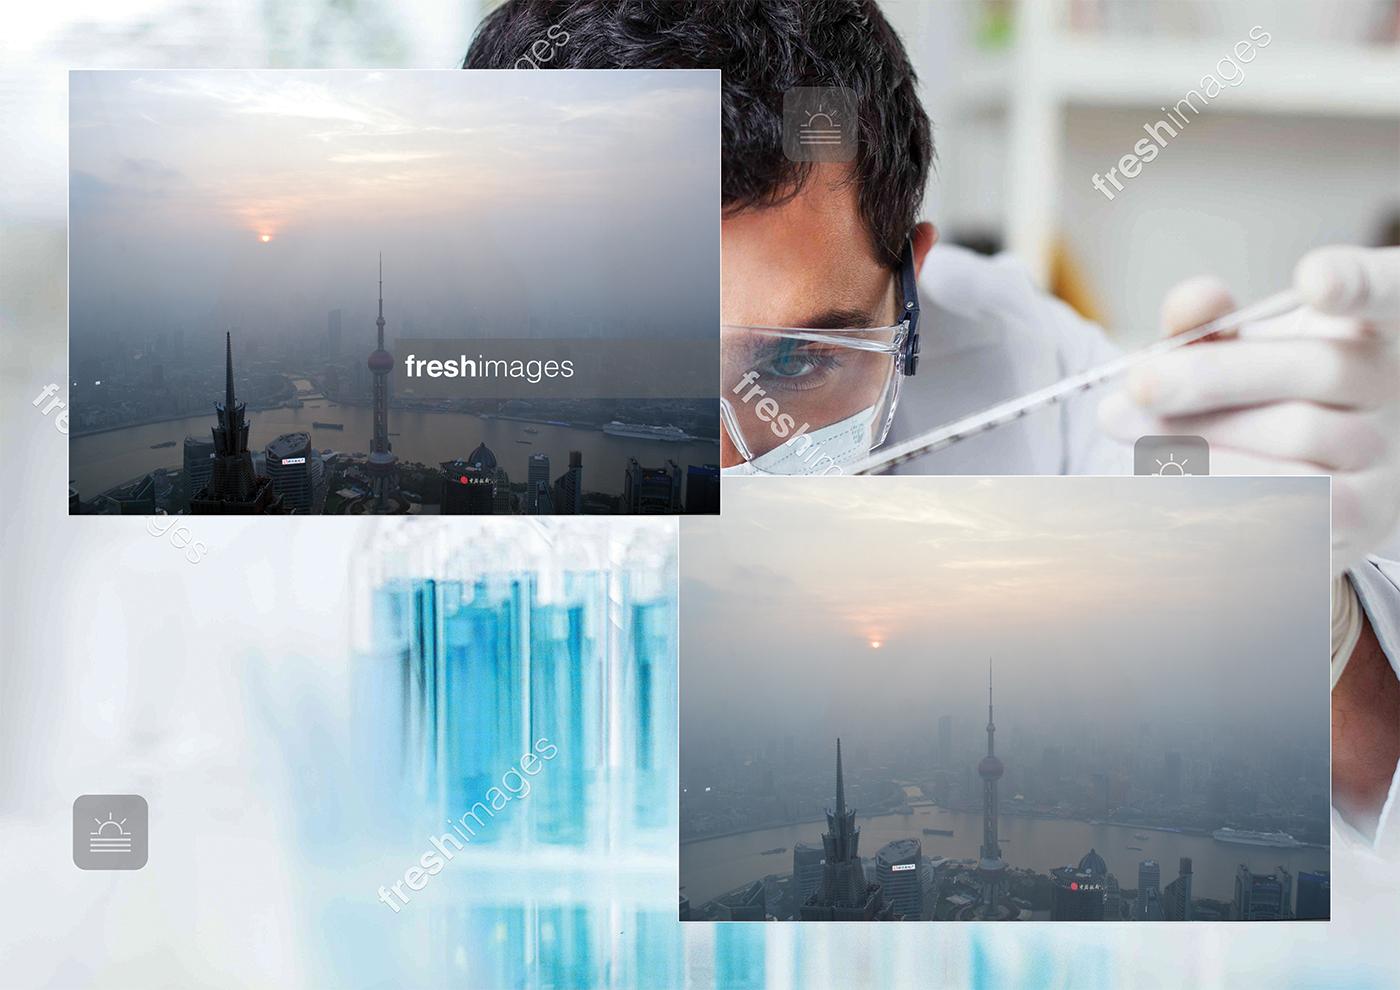 freshimage_011